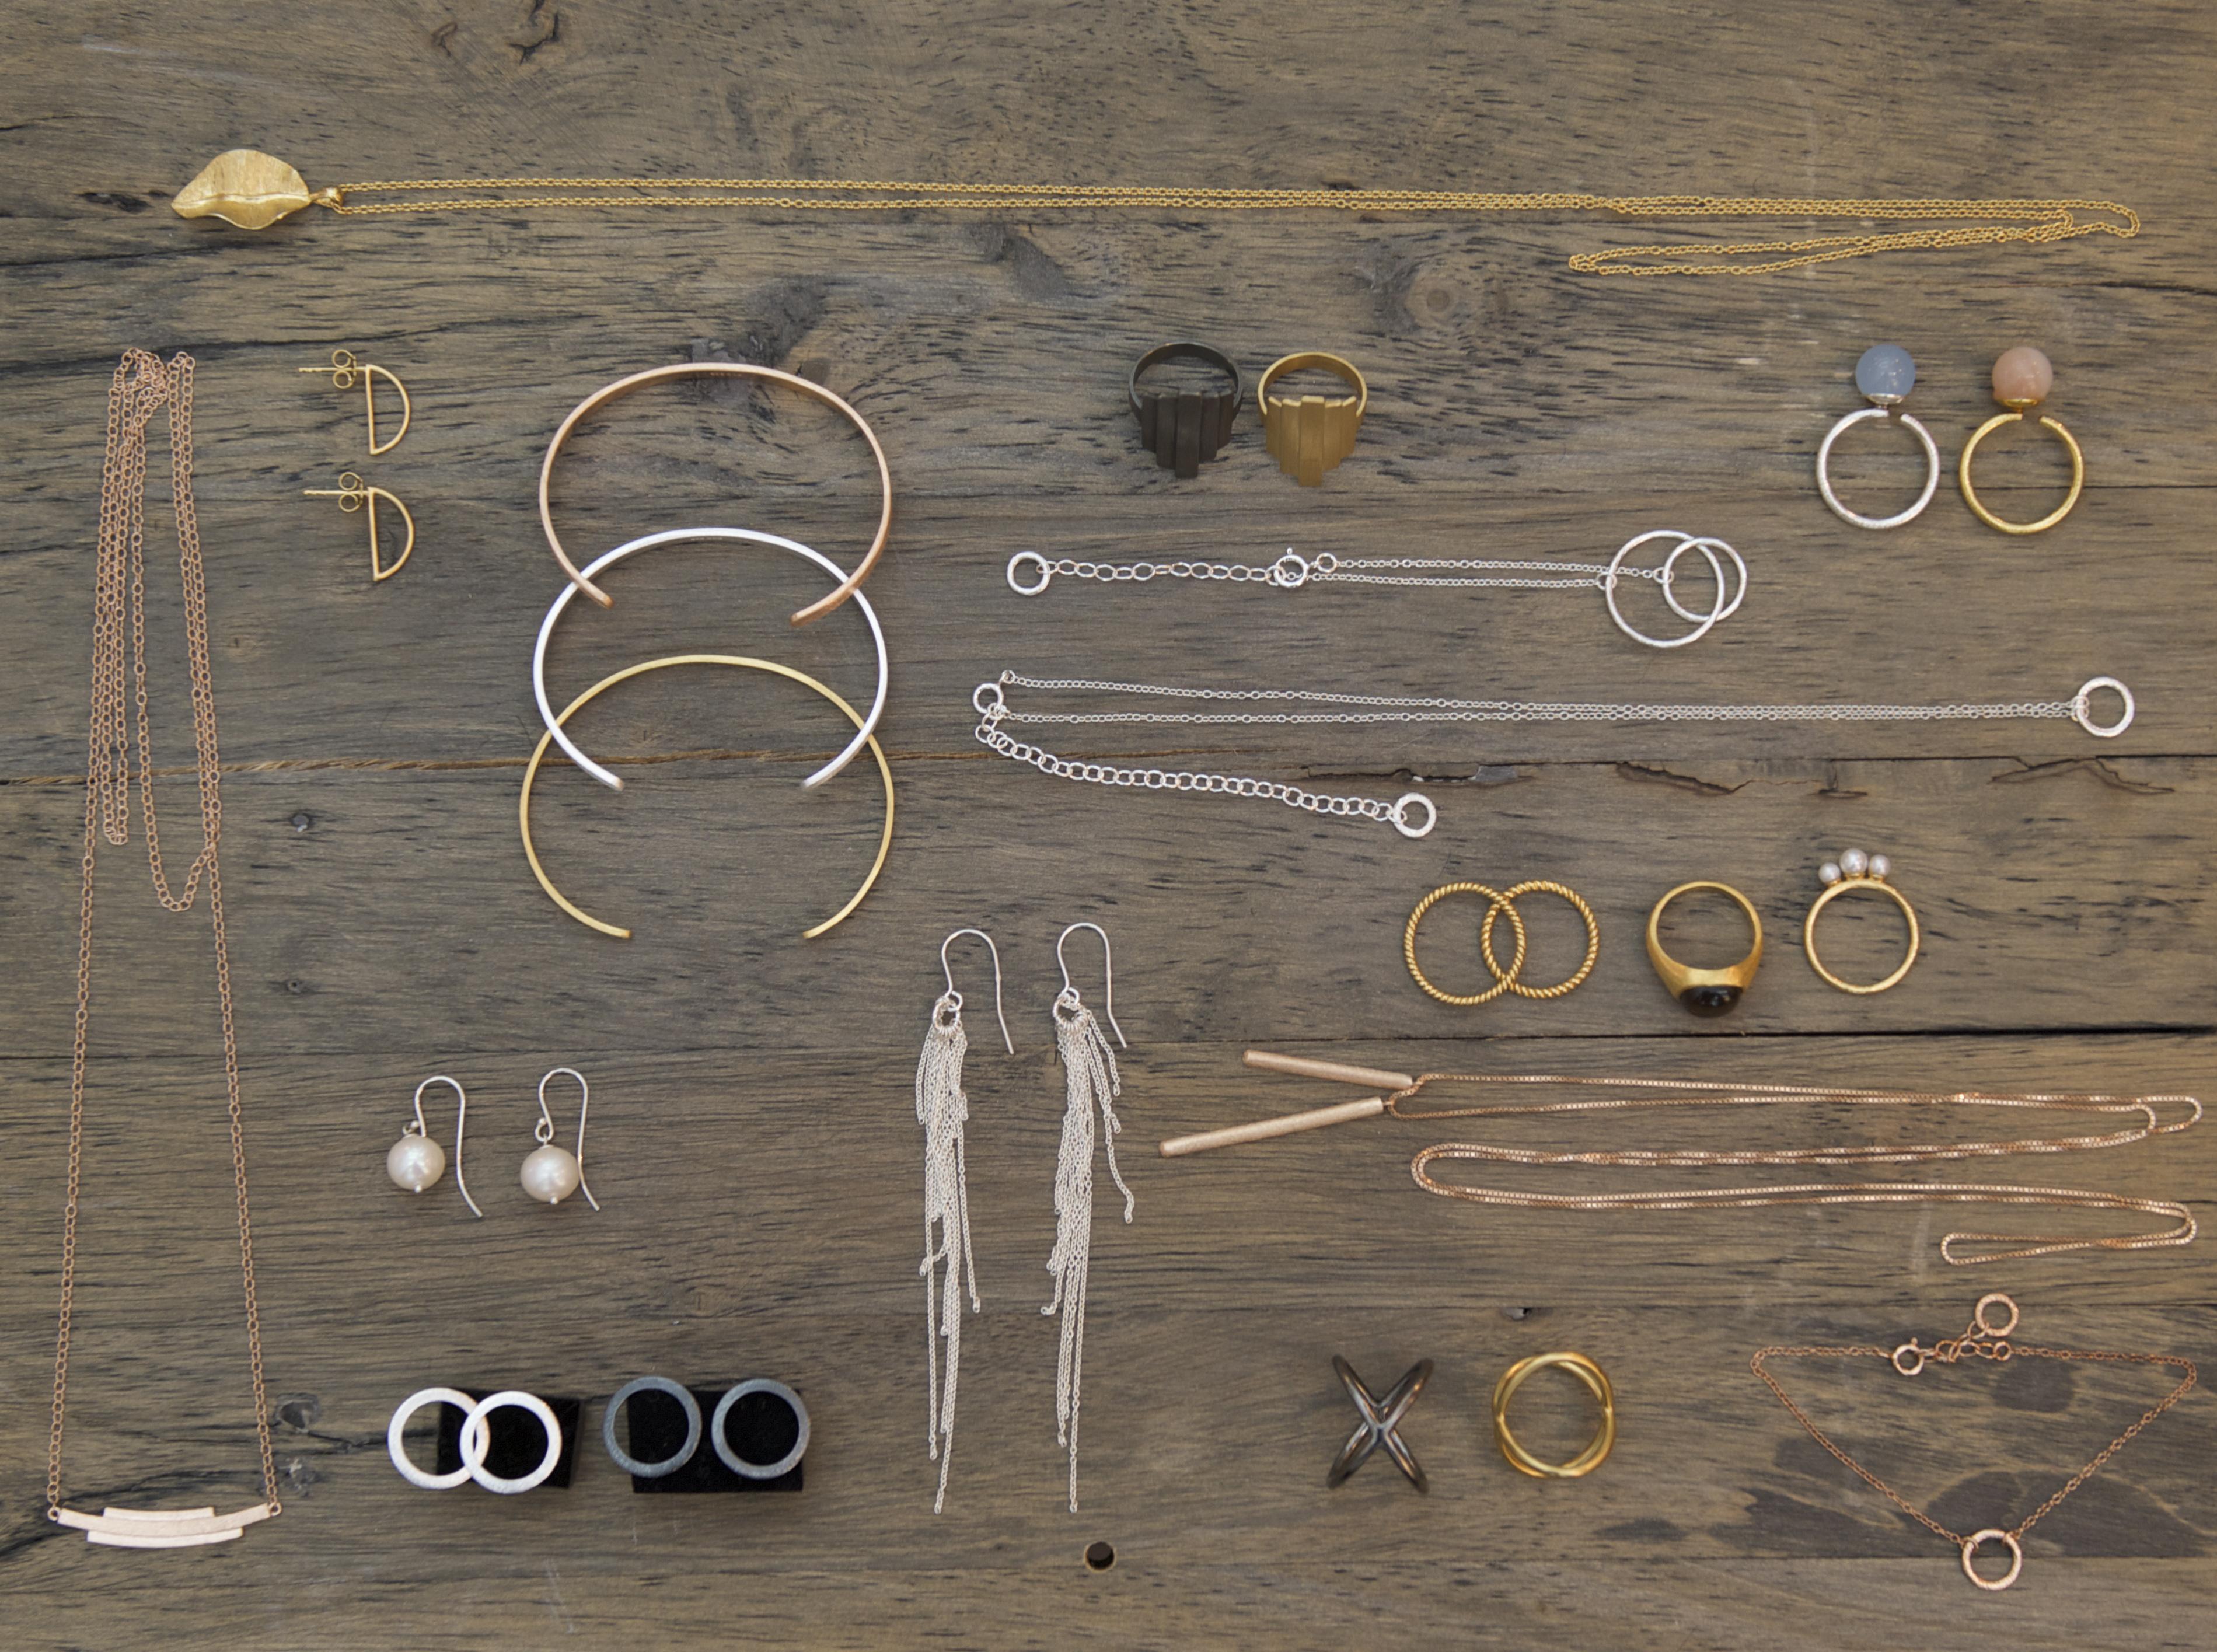 Schmuck-Trends 2019 minimalistische Schmuckstücke